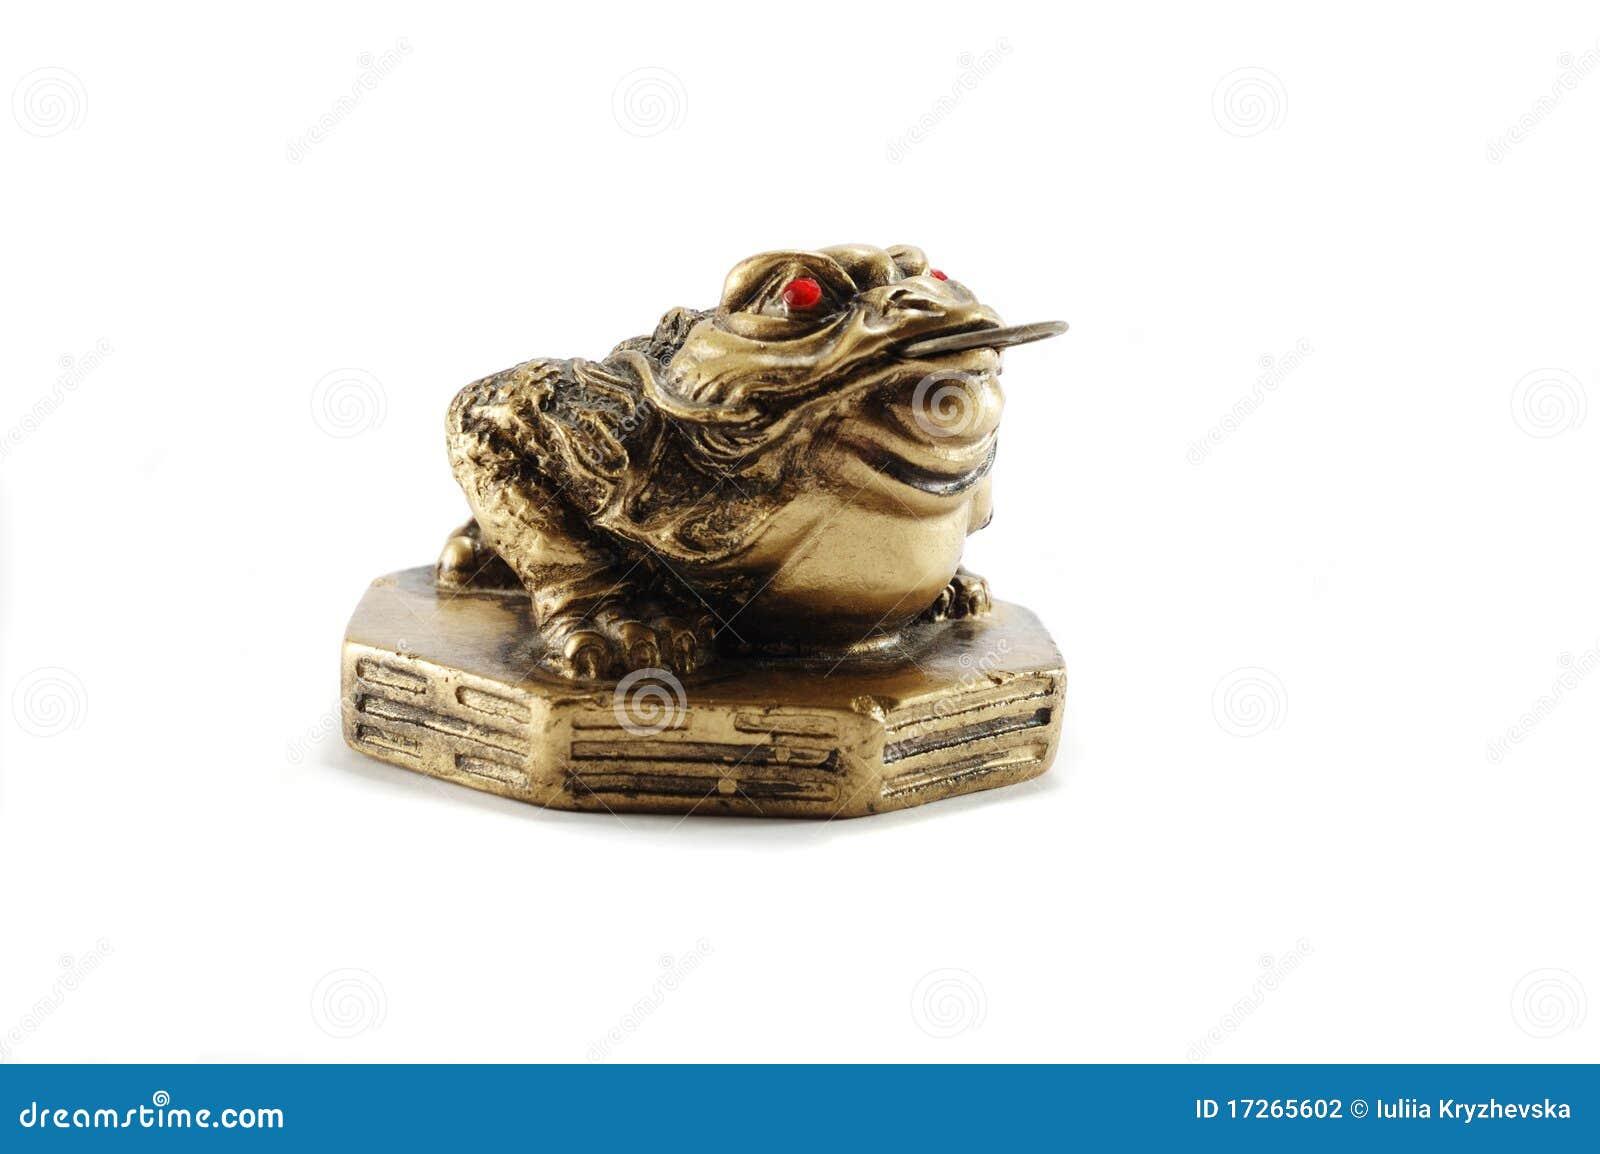 chinesisches feng shui geld frosch symbol des reichtums stockfoto bild von esoterica f lle. Black Bedroom Furniture Sets. Home Design Ideas